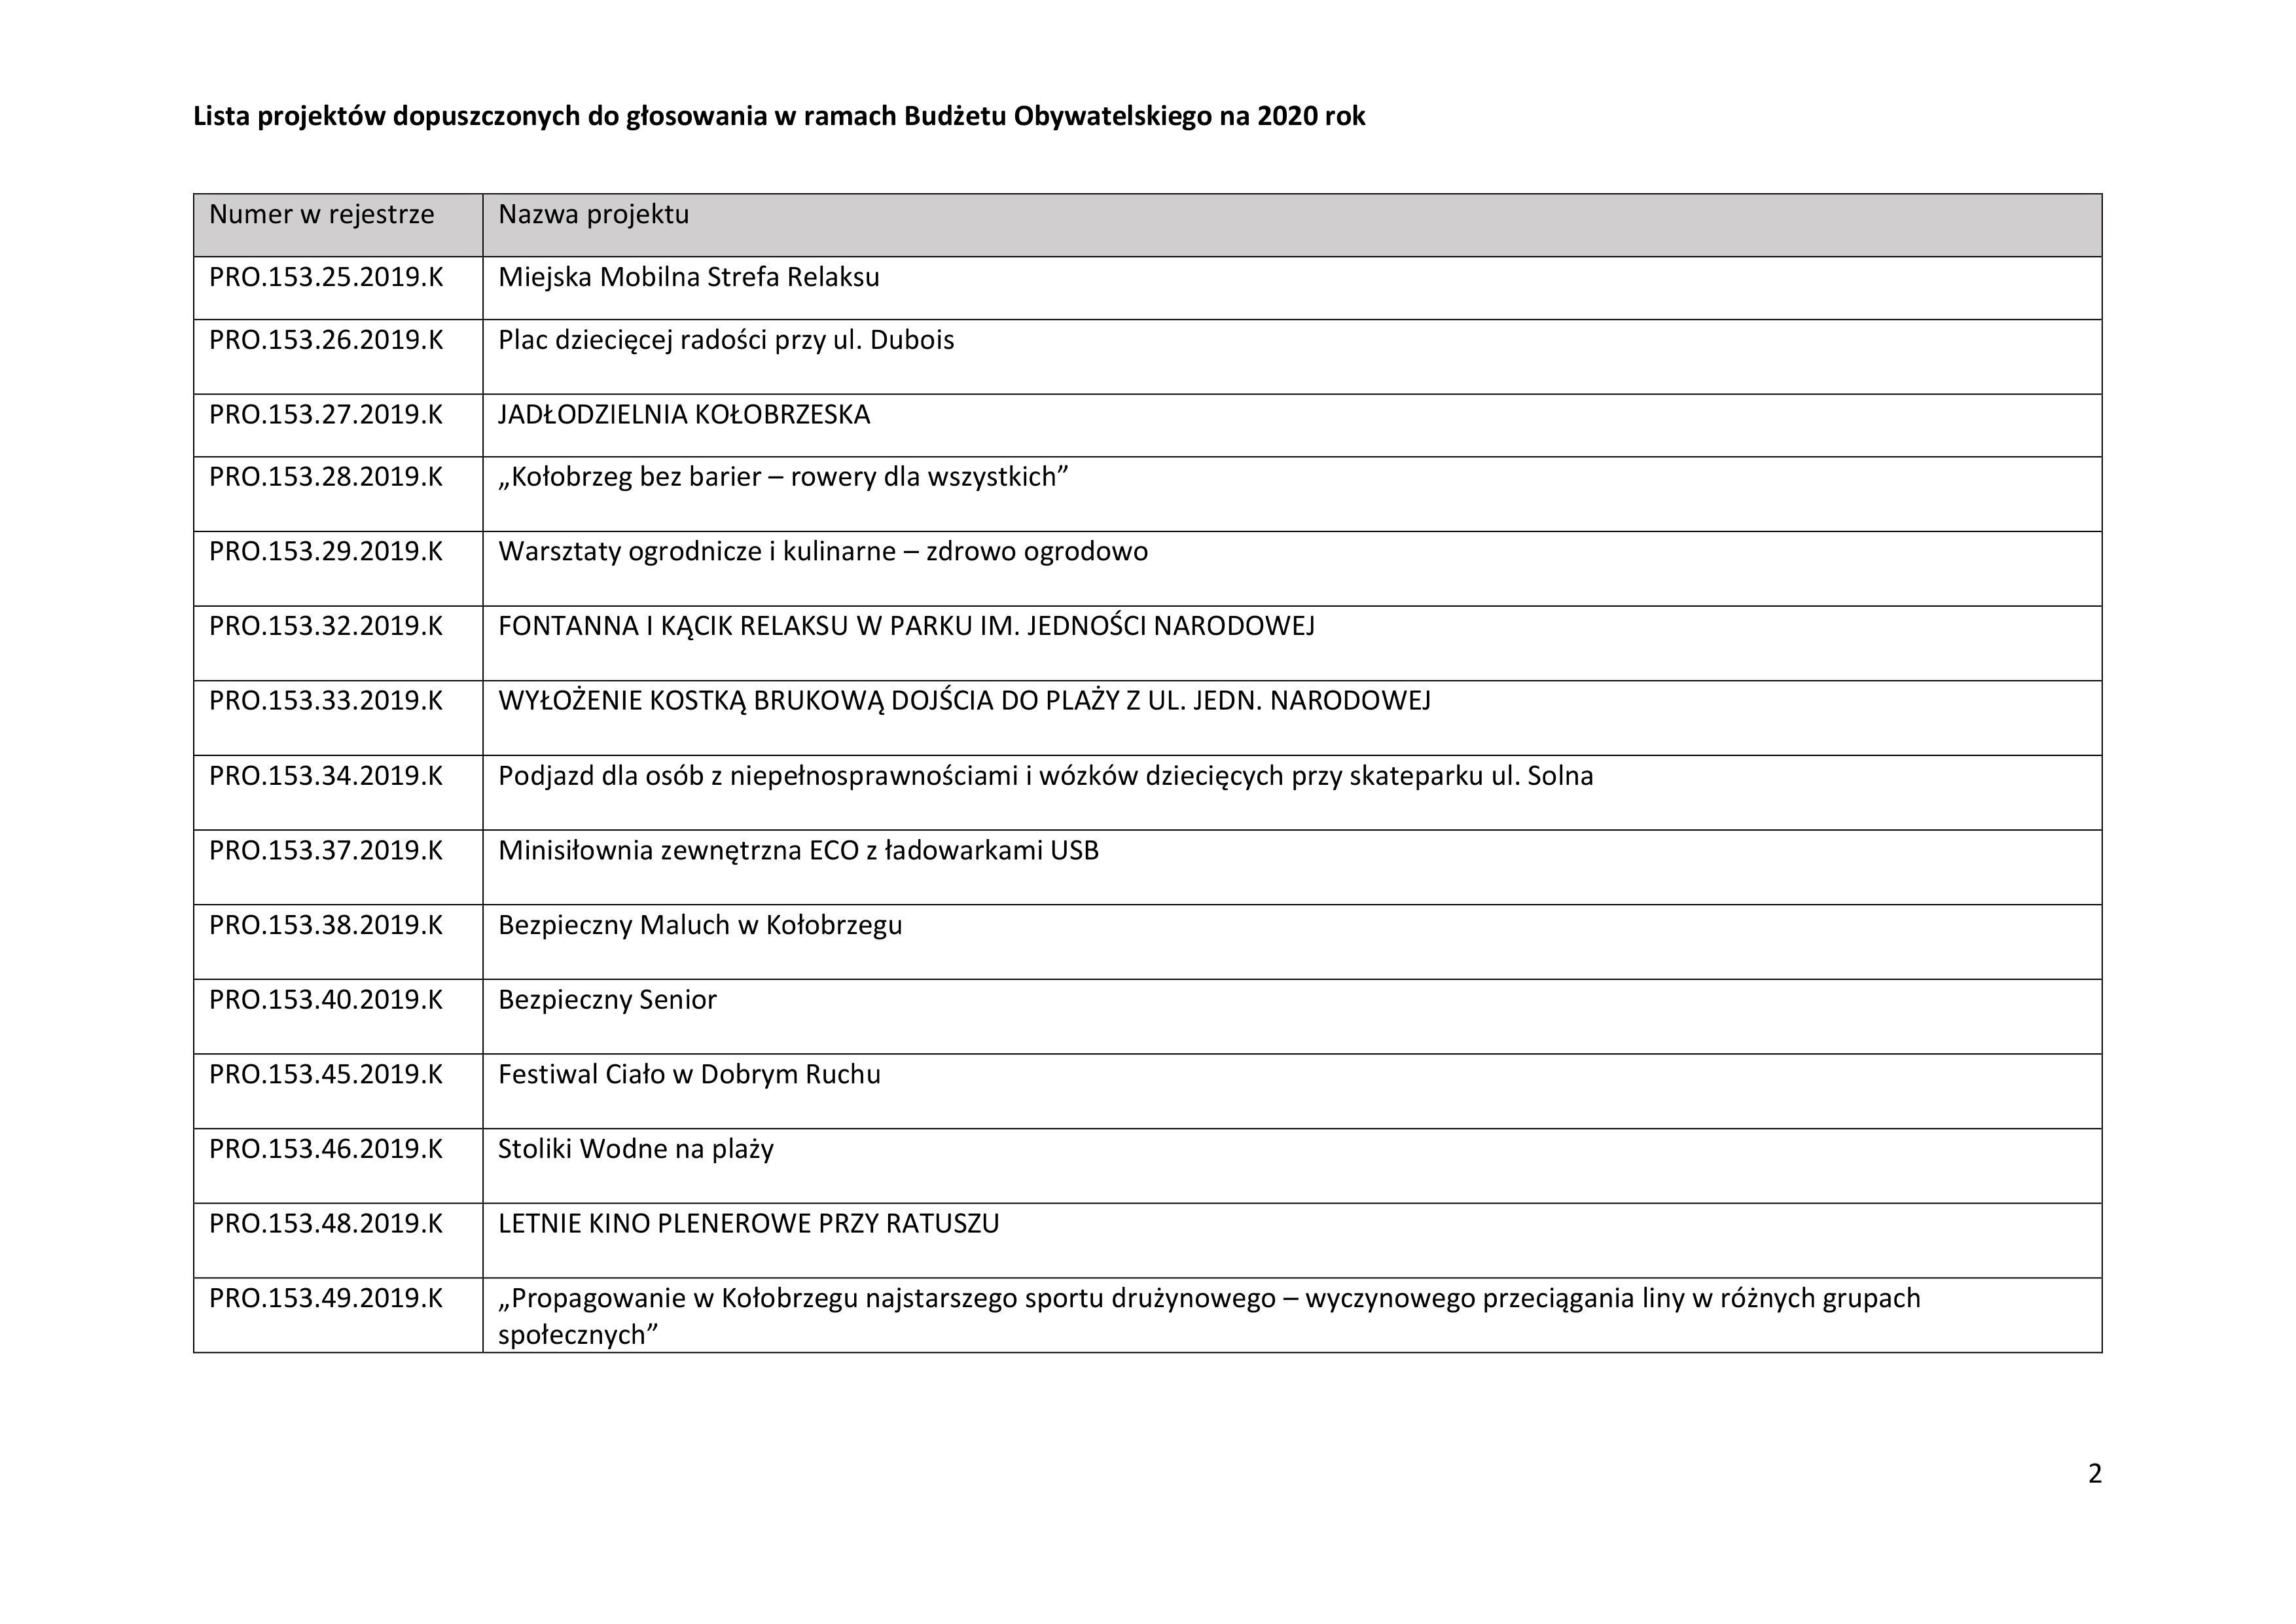 0002 - Jakie projekty wpłynęły do Budżetu Obywatelskiego? Jest m.in. Jadłodzielnia i interaktywny plac zabaw przy Frankowskiego (lista)